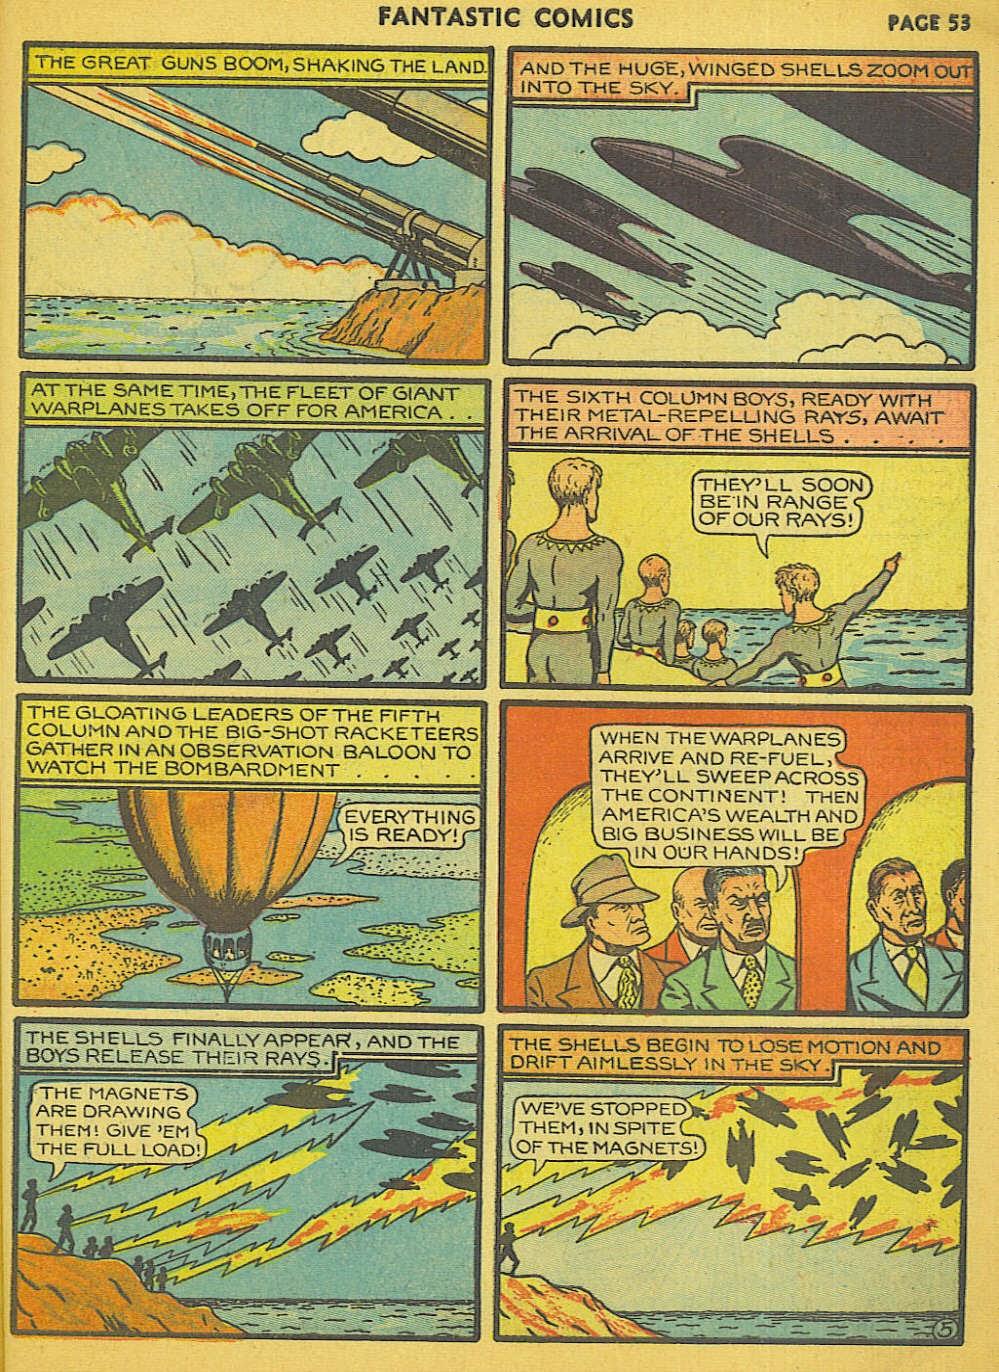 Read online Fantastic Comics comic -  Issue #15 - 48